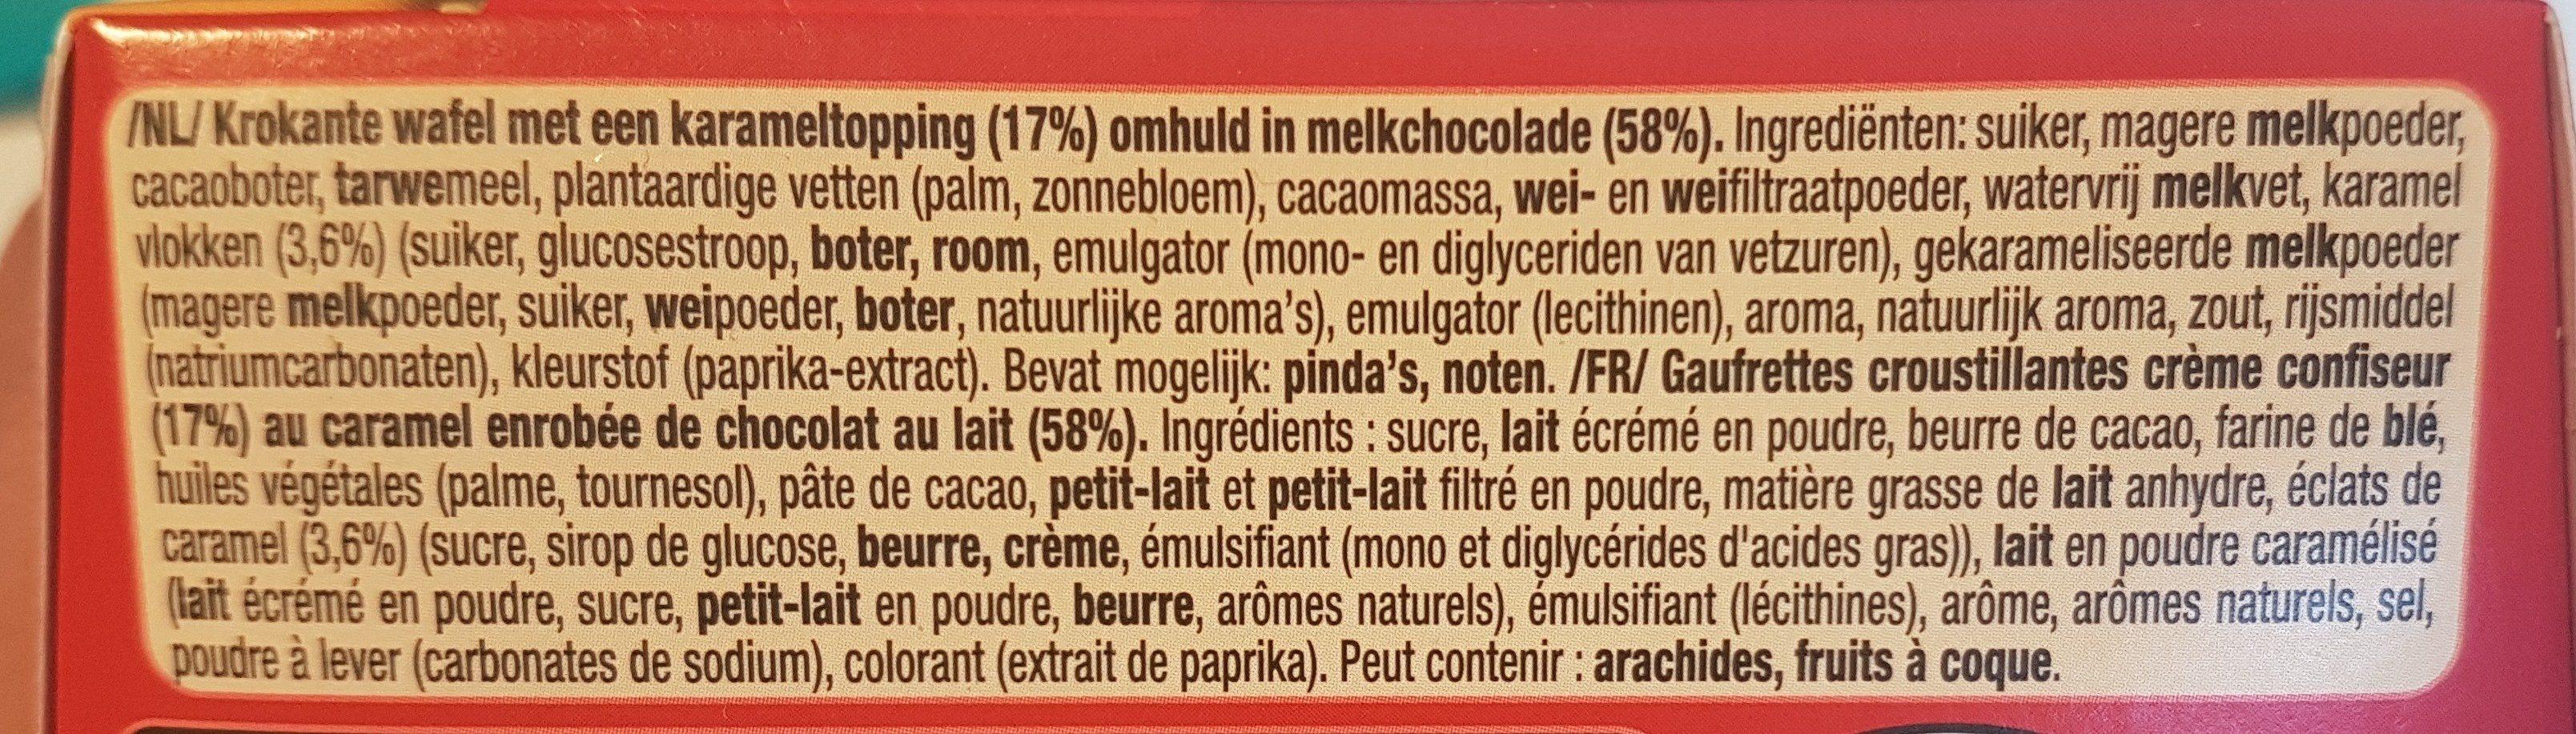 Senses Caramel pointe de sel - Ingrédients - fr